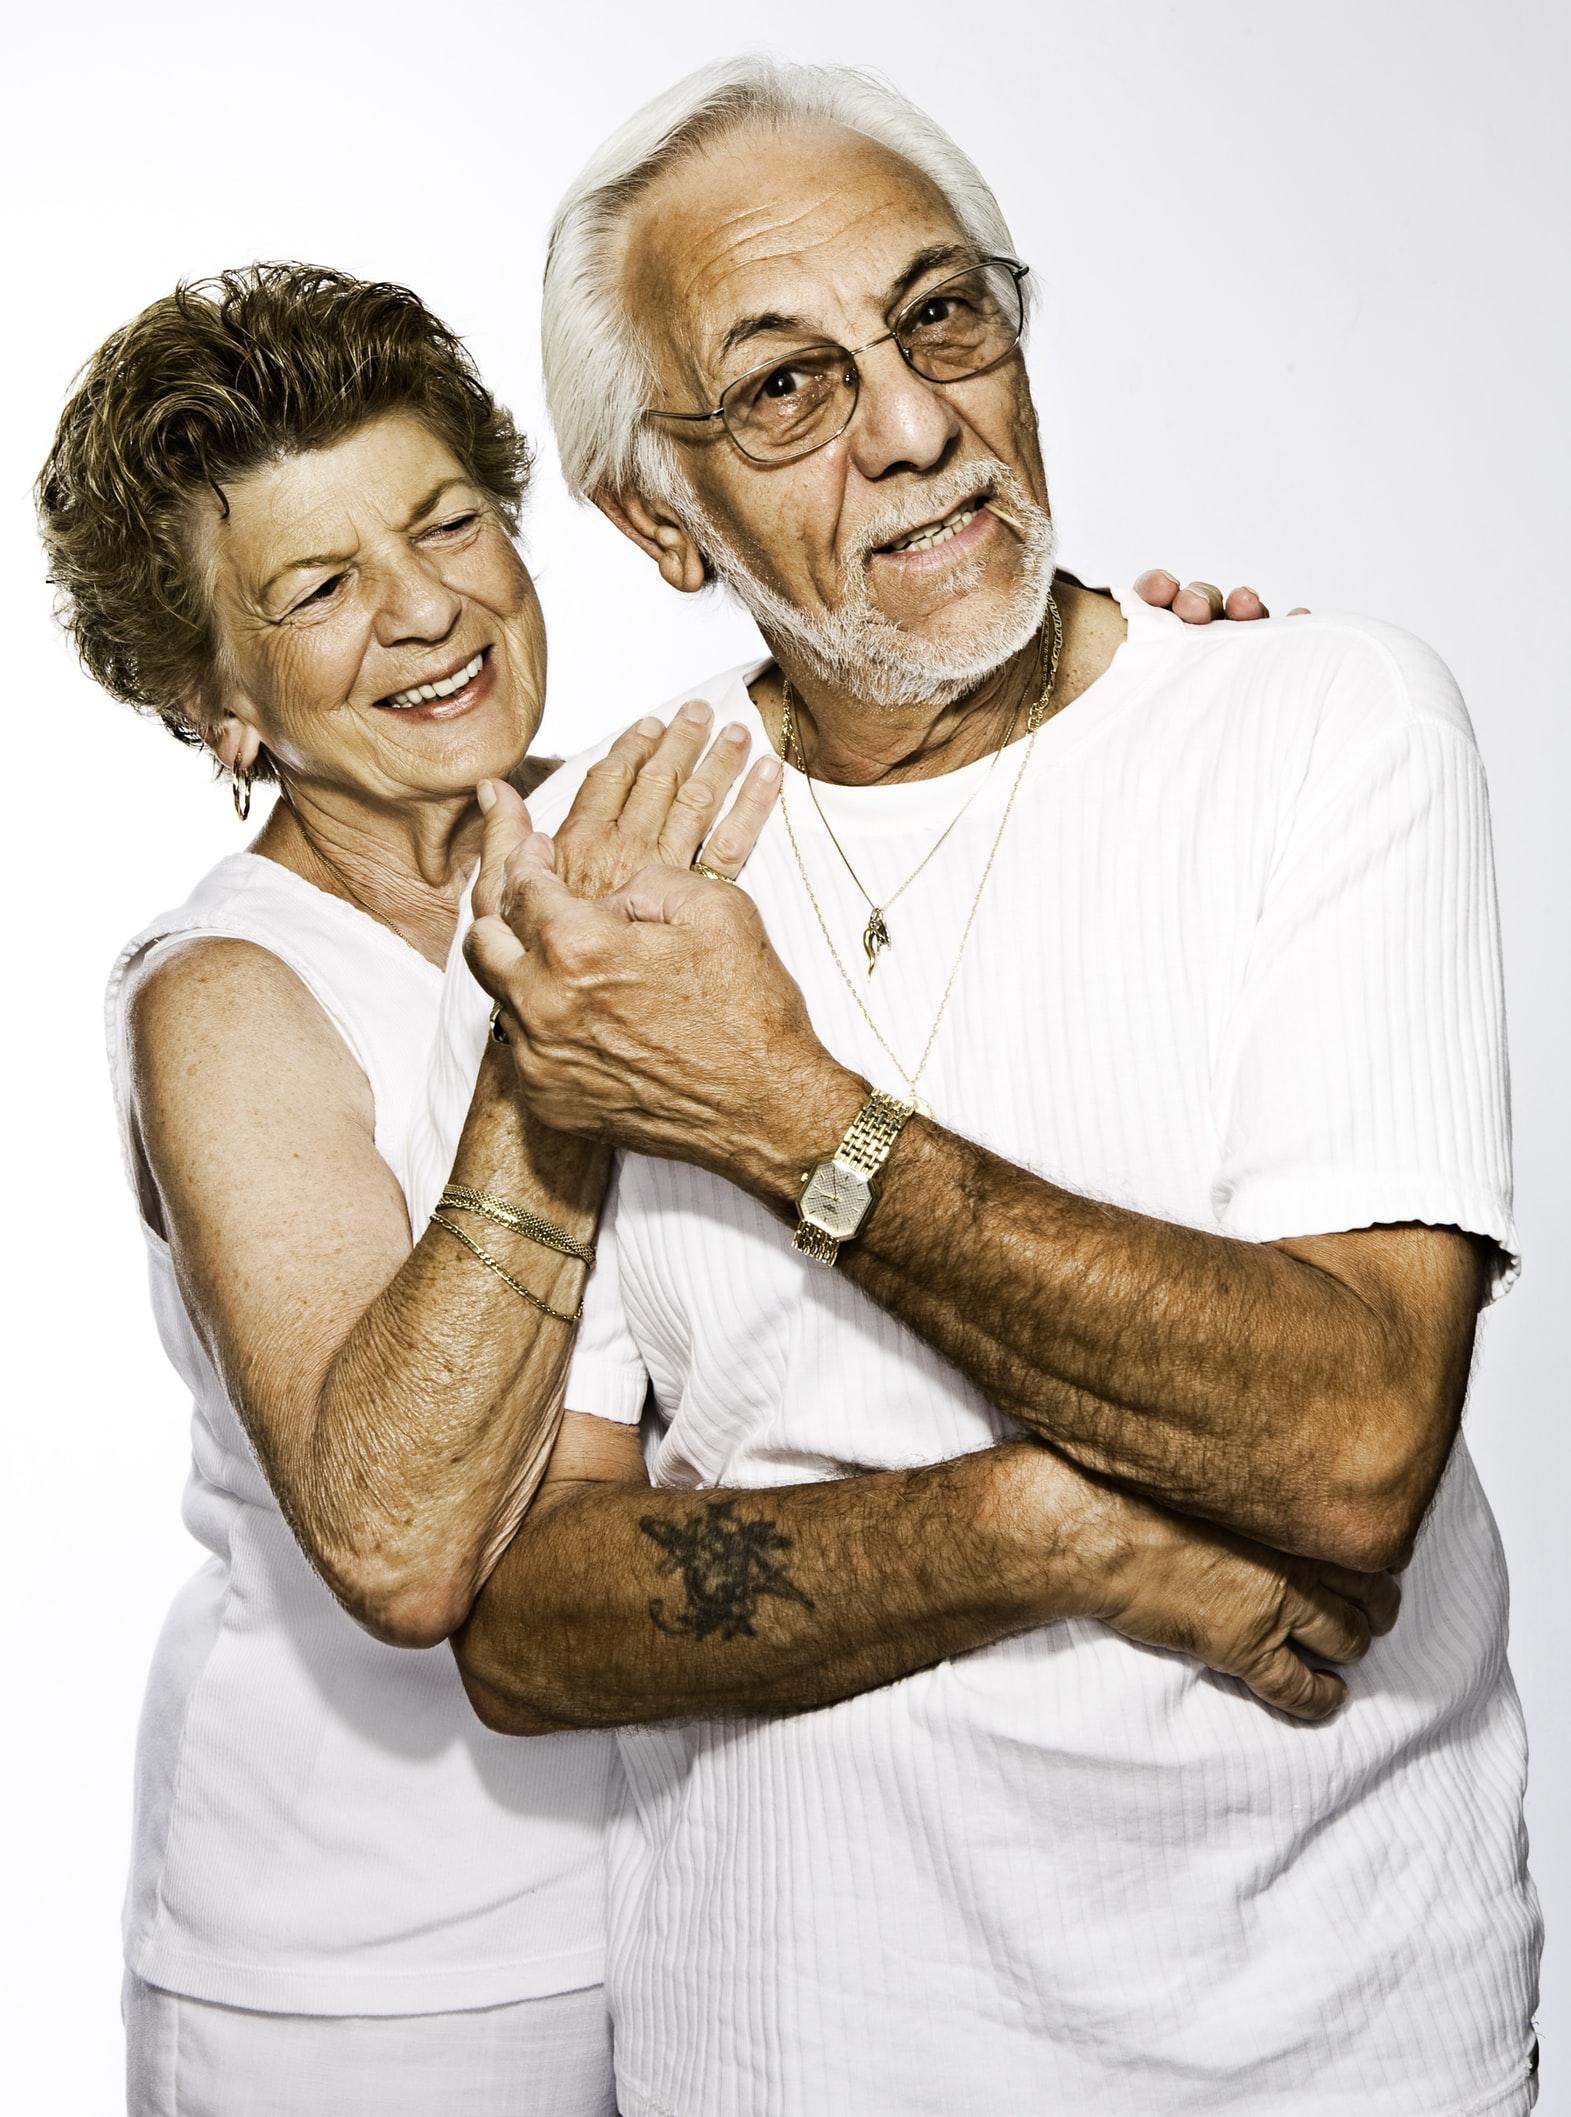 La semaine des aînés sera soulignée à Rimouski, du 27 septembre au 3 octobre.